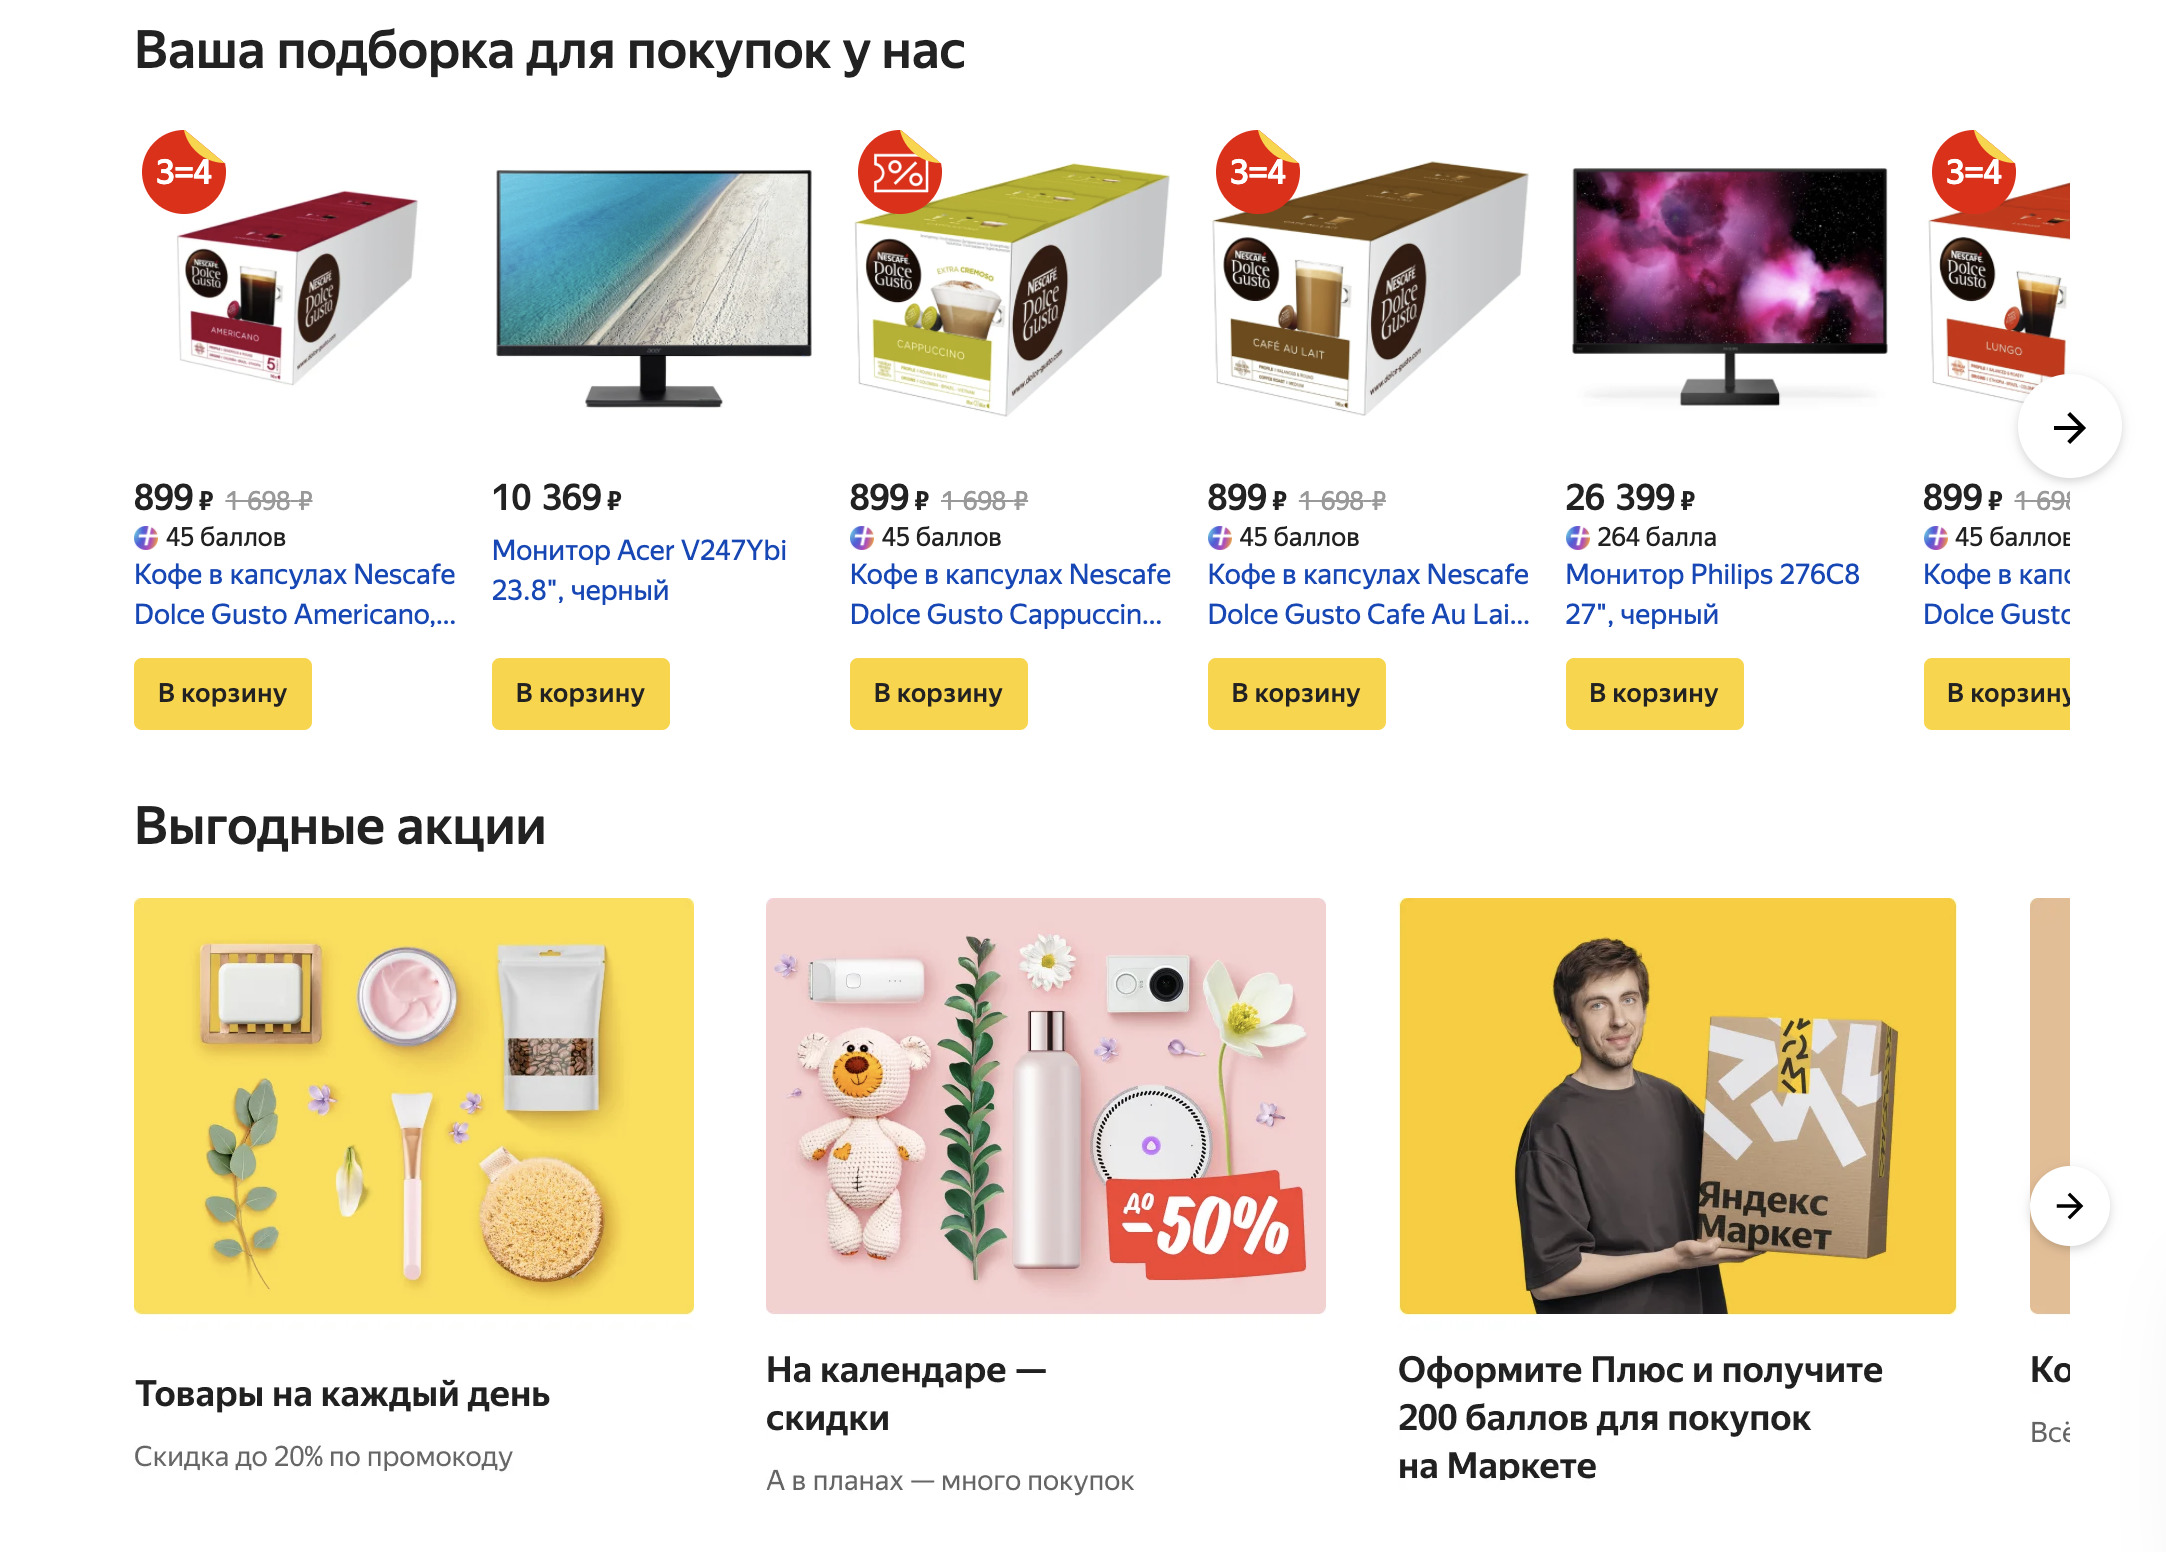 Доставка из Яндекс.Маркет в Подольск, сроки, пункты выдачи, каталог